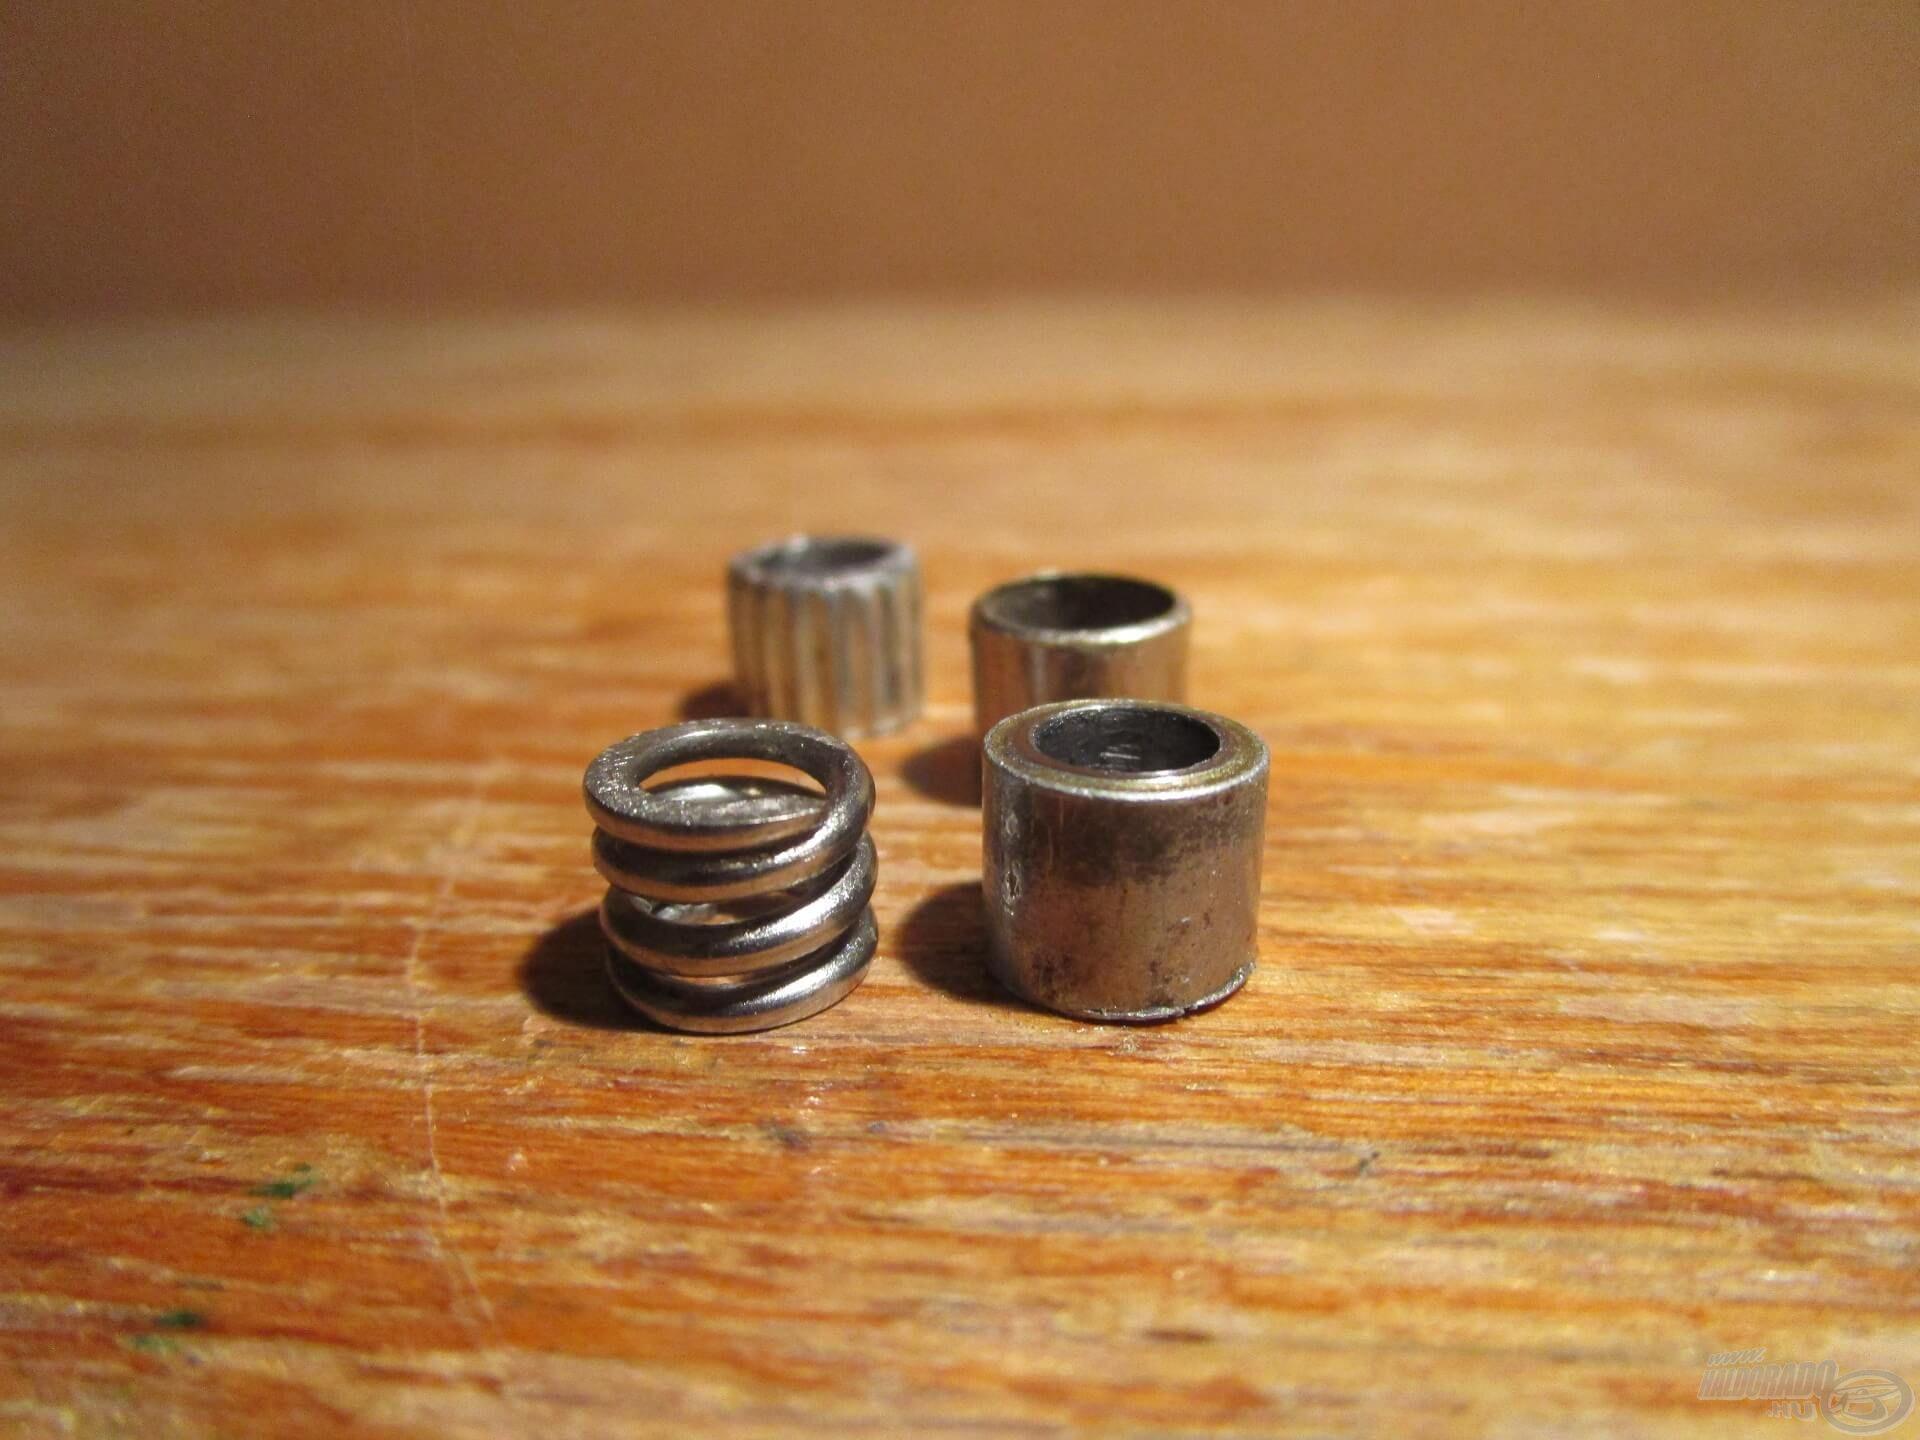 Egy, a rugó magasságával megegyező fém perselyre van szükség az átalakításhoz. Az nem baj, ha a persely belső átmérője valamivel nagyobb